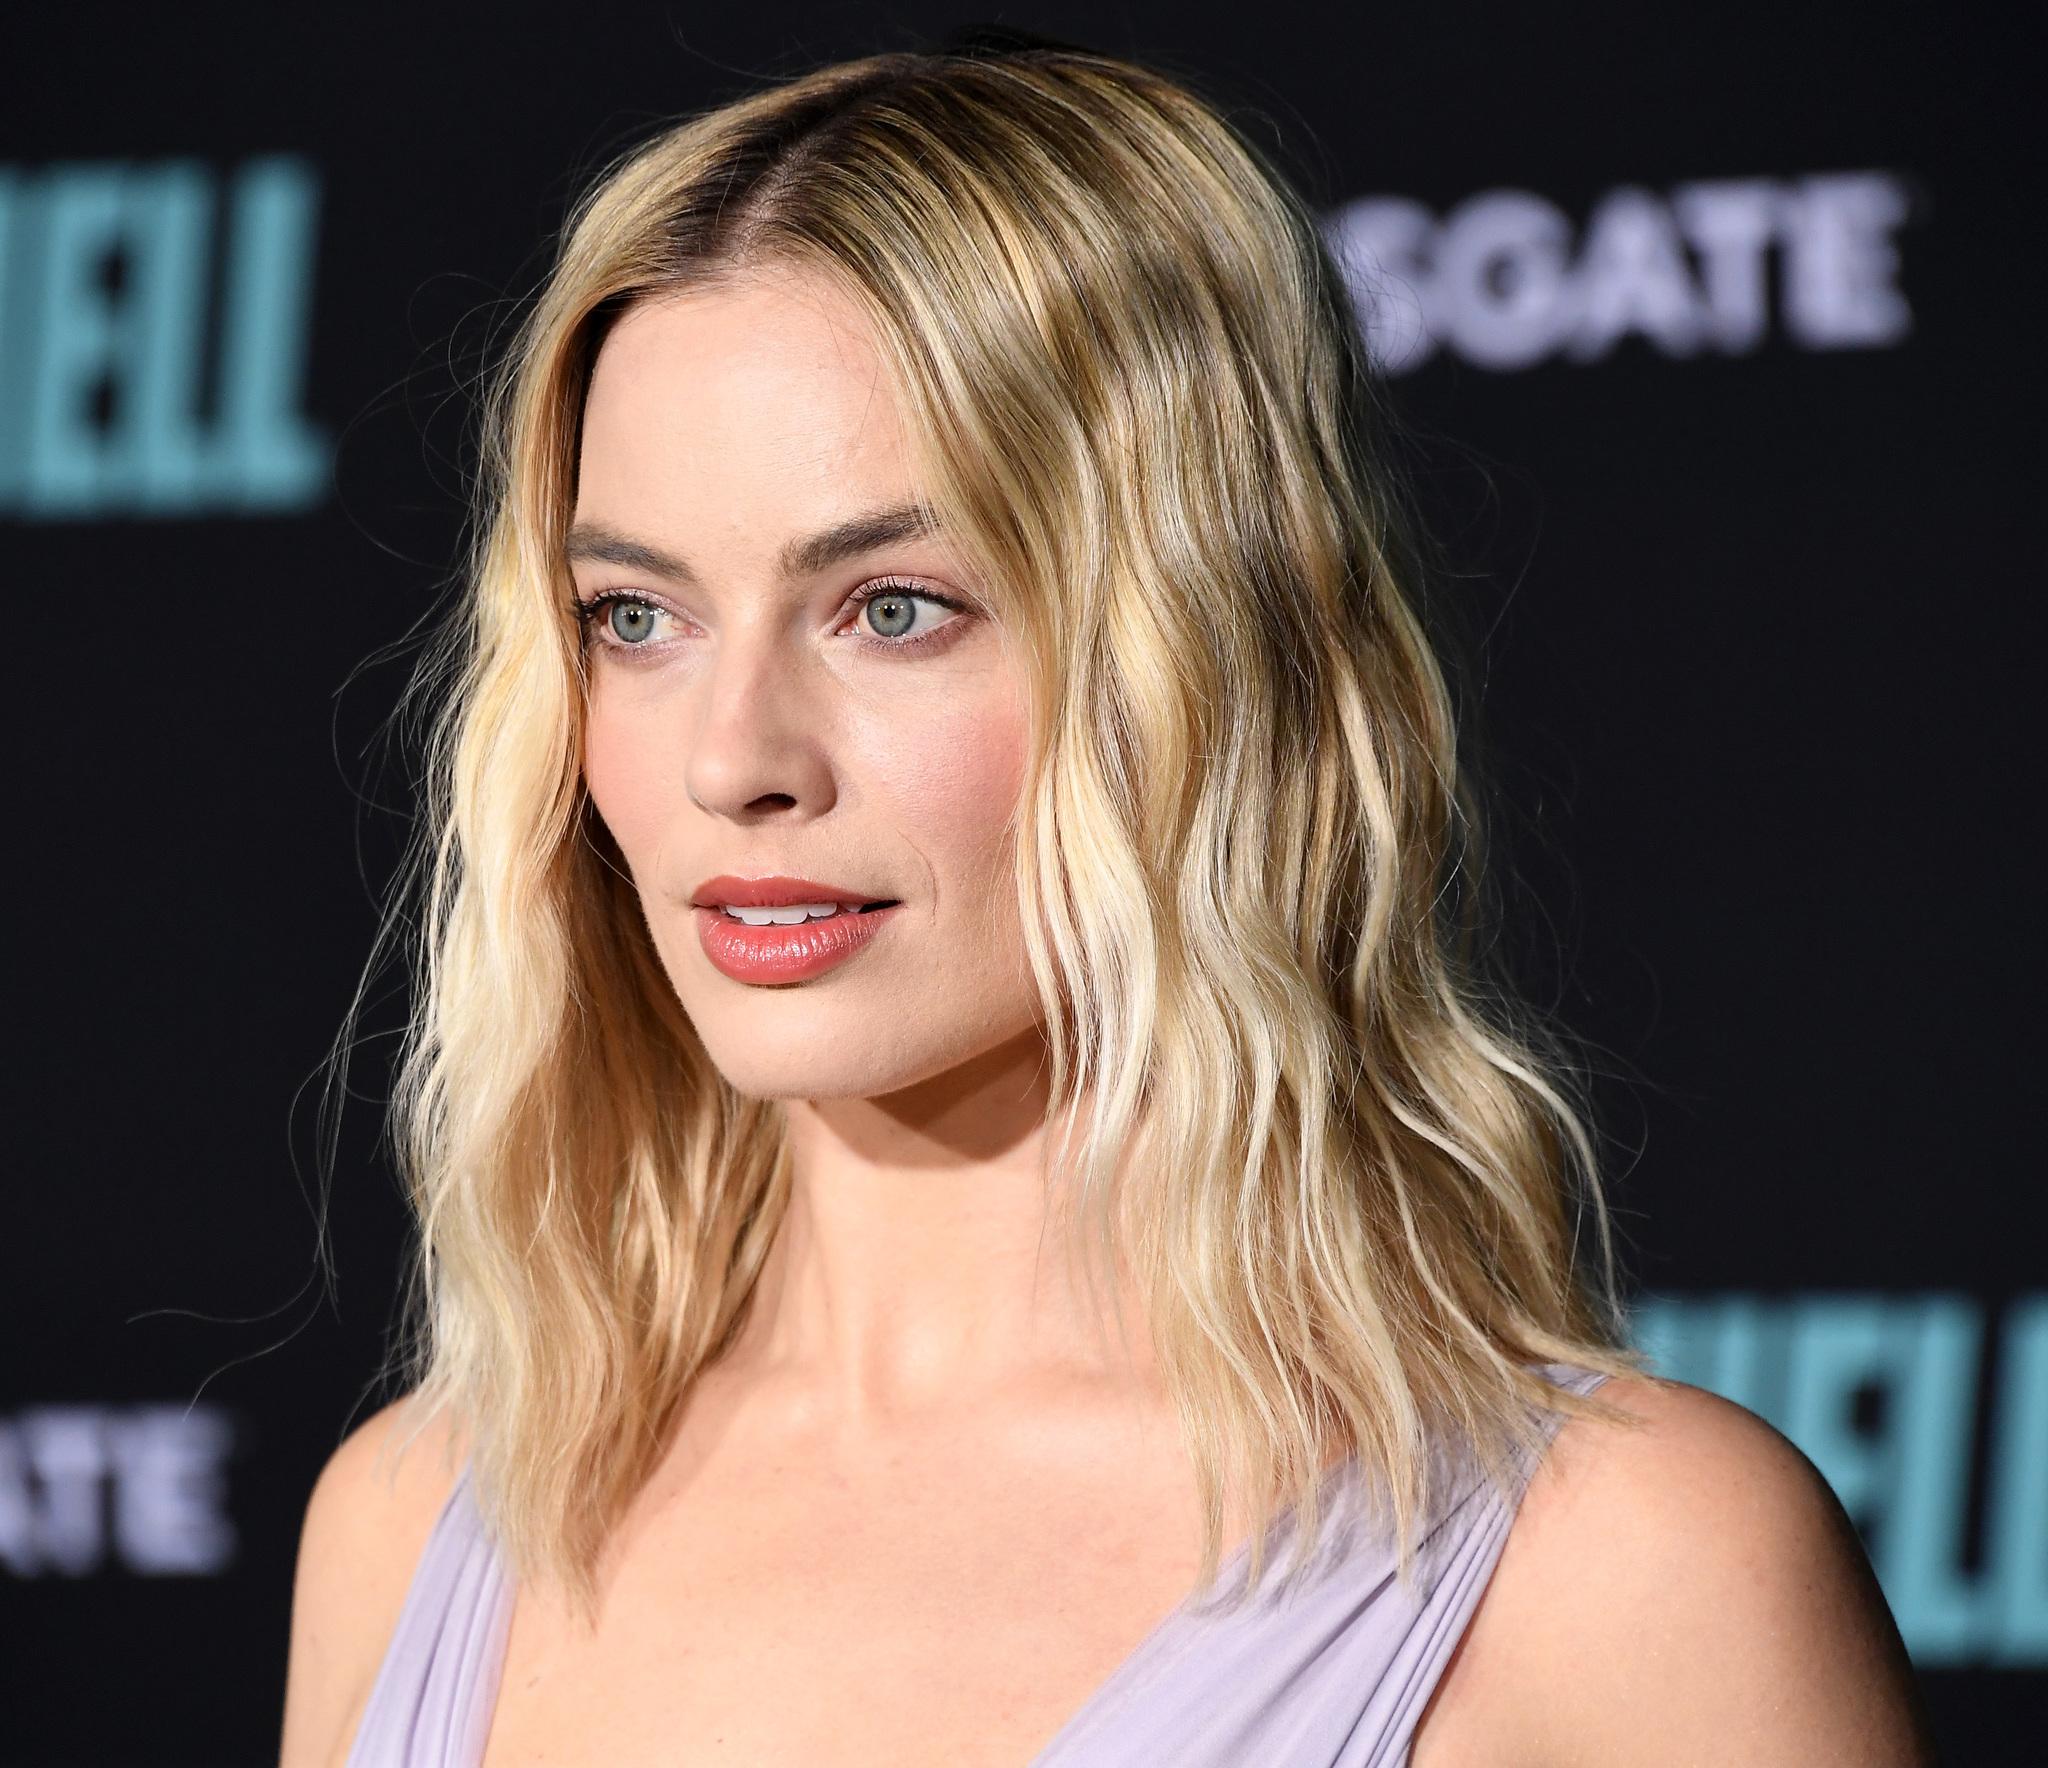 Margot Robbie declina las mechas californianas de mil maneras pero nos encanta el efecto degradado y raíz de su melena rubia.